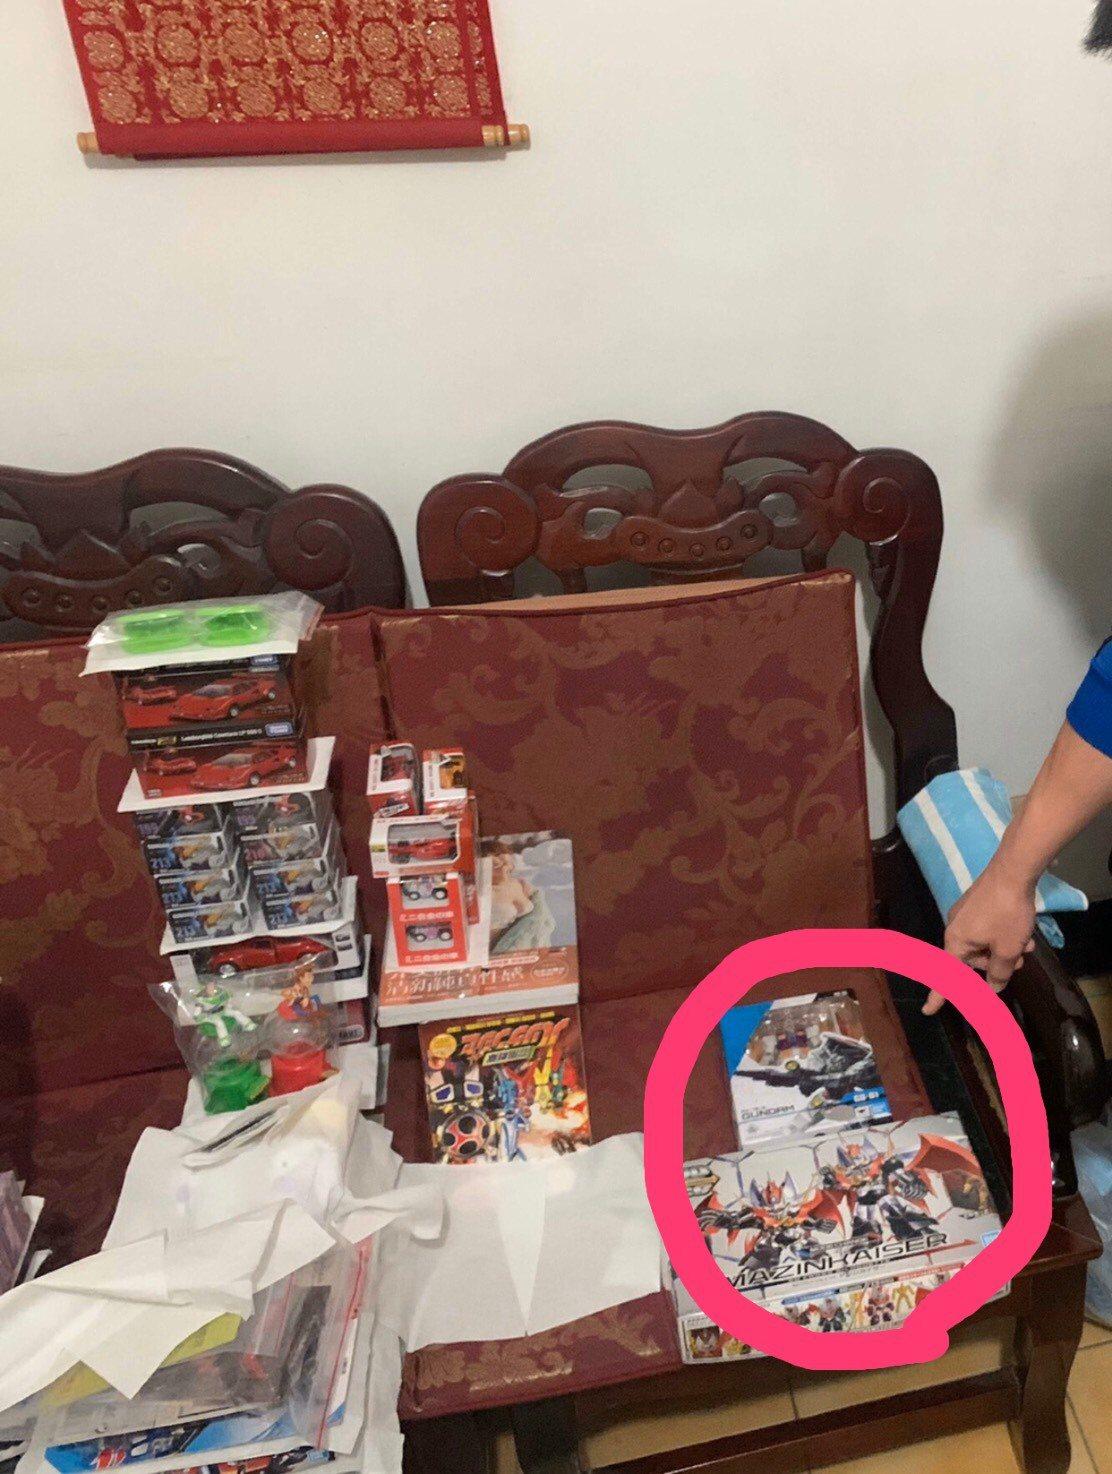 30歲吳姓模型店店長,找回被52歲歐姓嫌犯偷走的兩盒模型。記者陳弘逸/翻攝